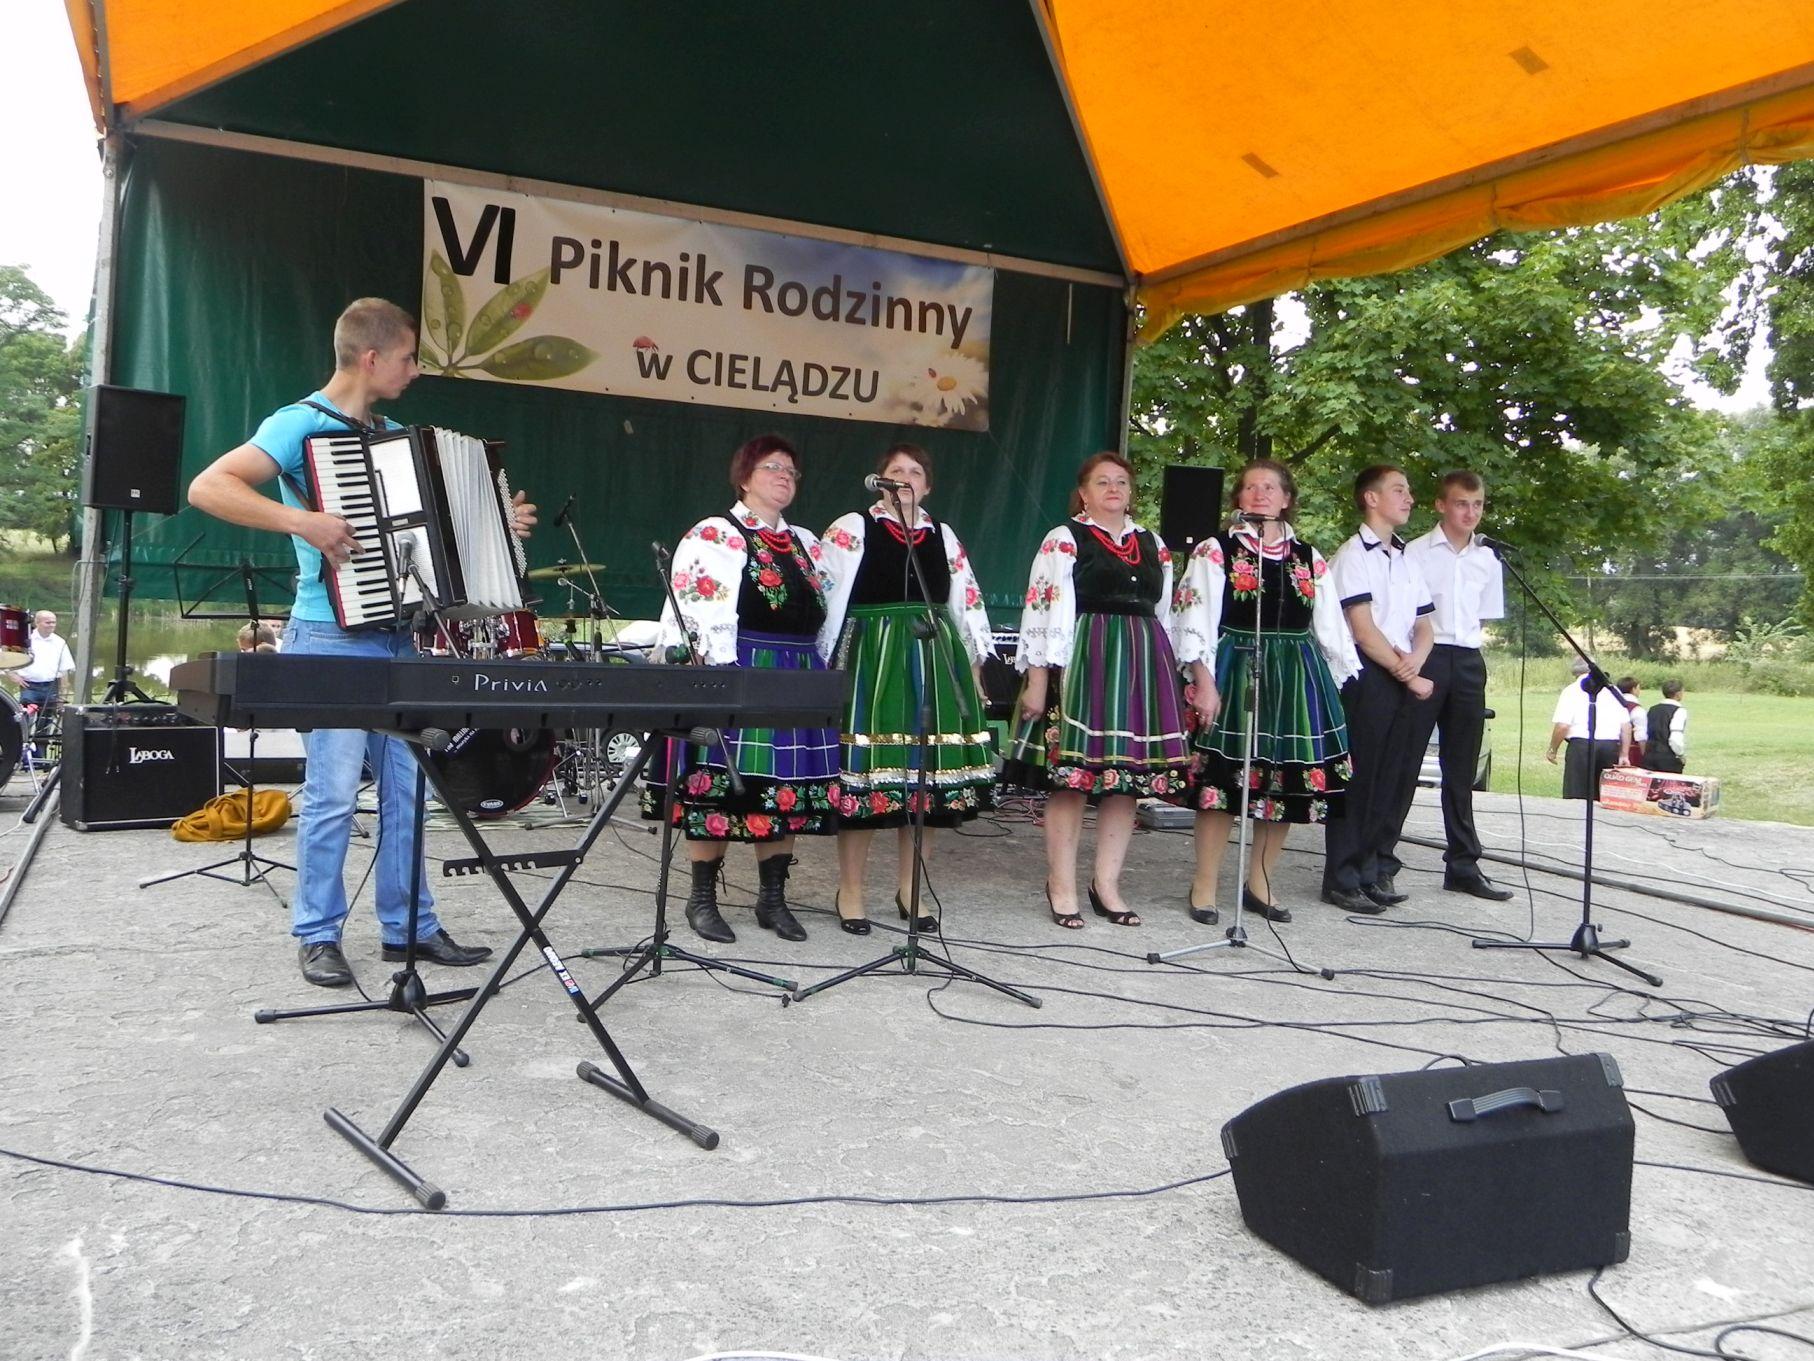 2013-08-18 Cielądz piknik (68)